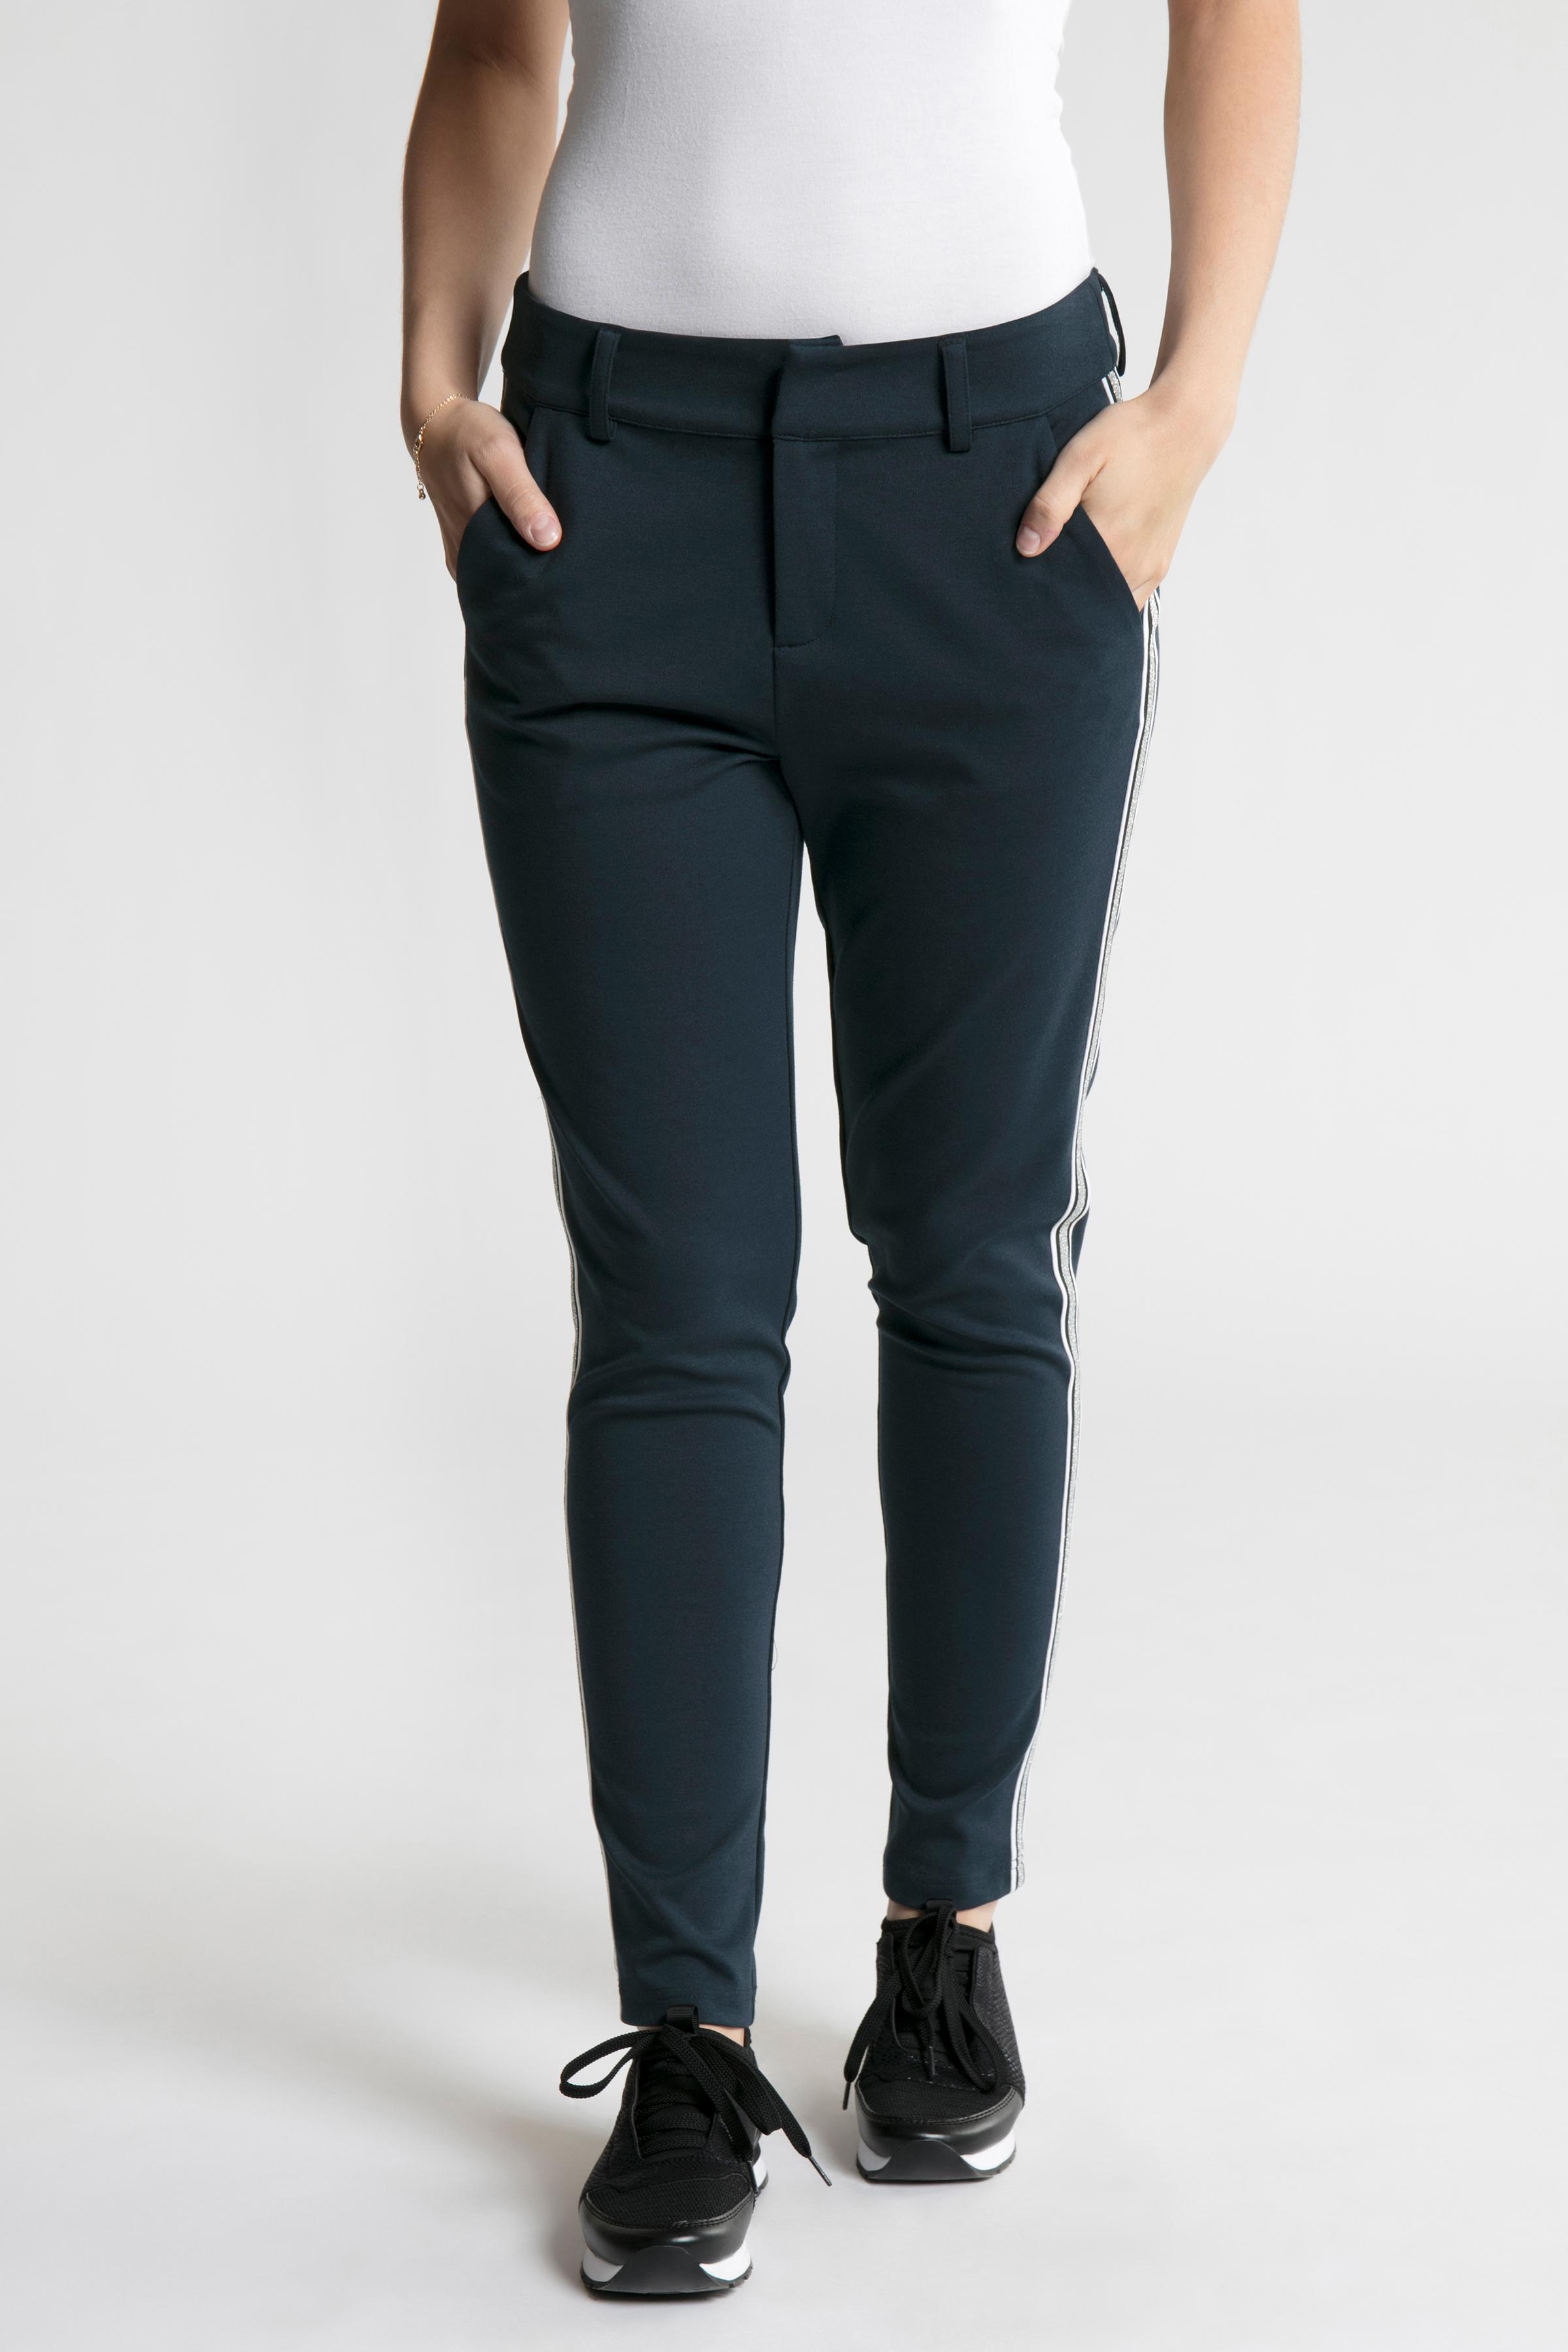 Marinblå Casual byxor från Bon'A Parte – Köp Marinblå Casual byxor från stl. 36-48 här